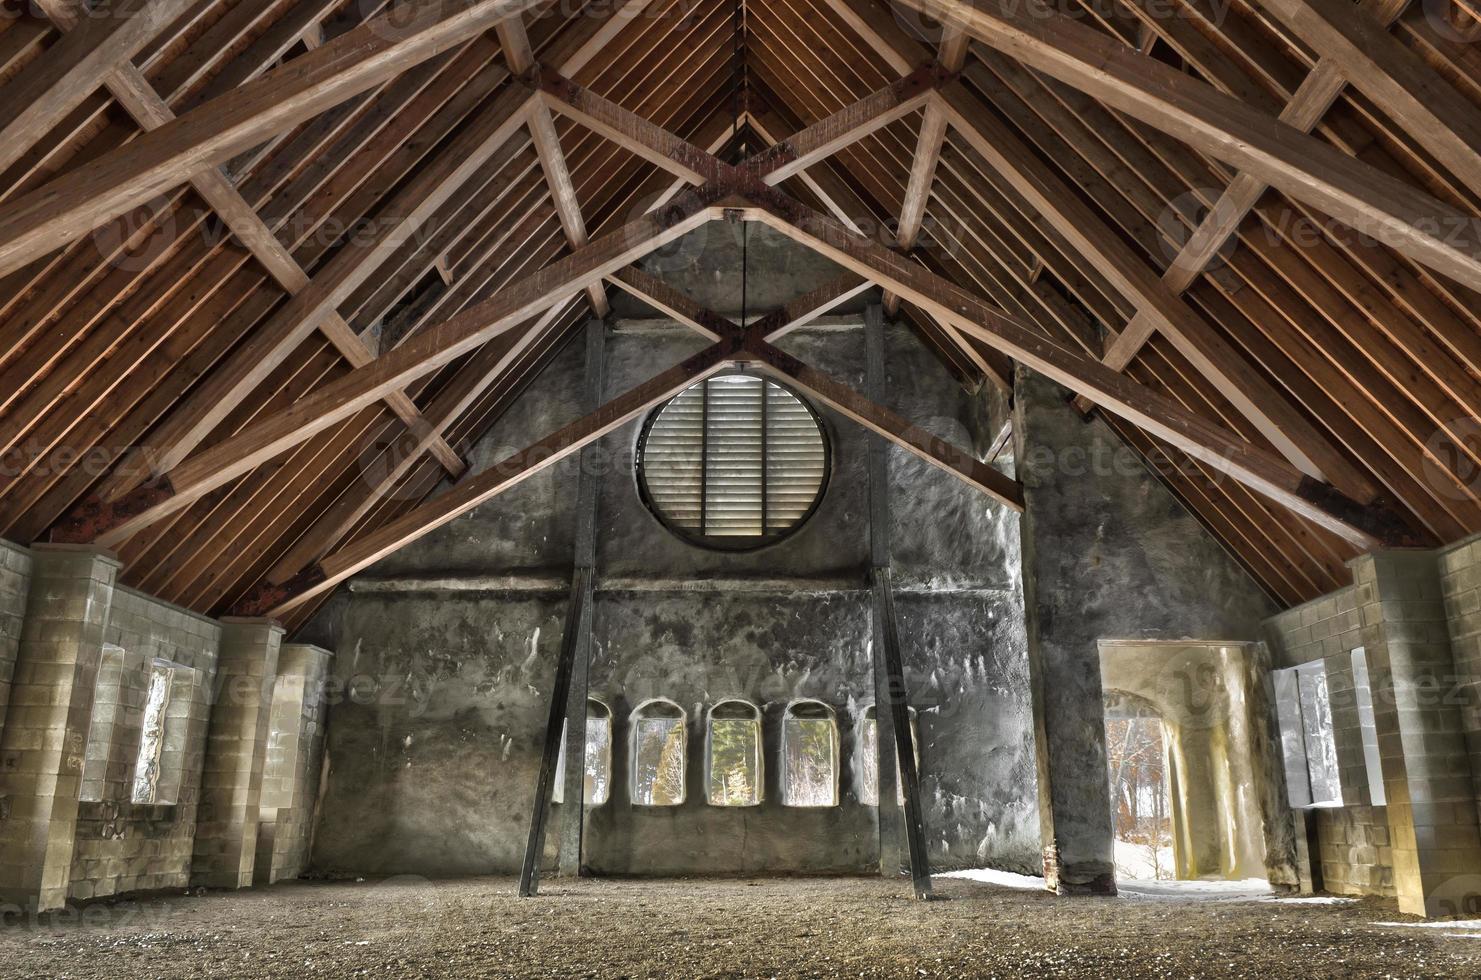 Innenraum der alten Steinkirche foto